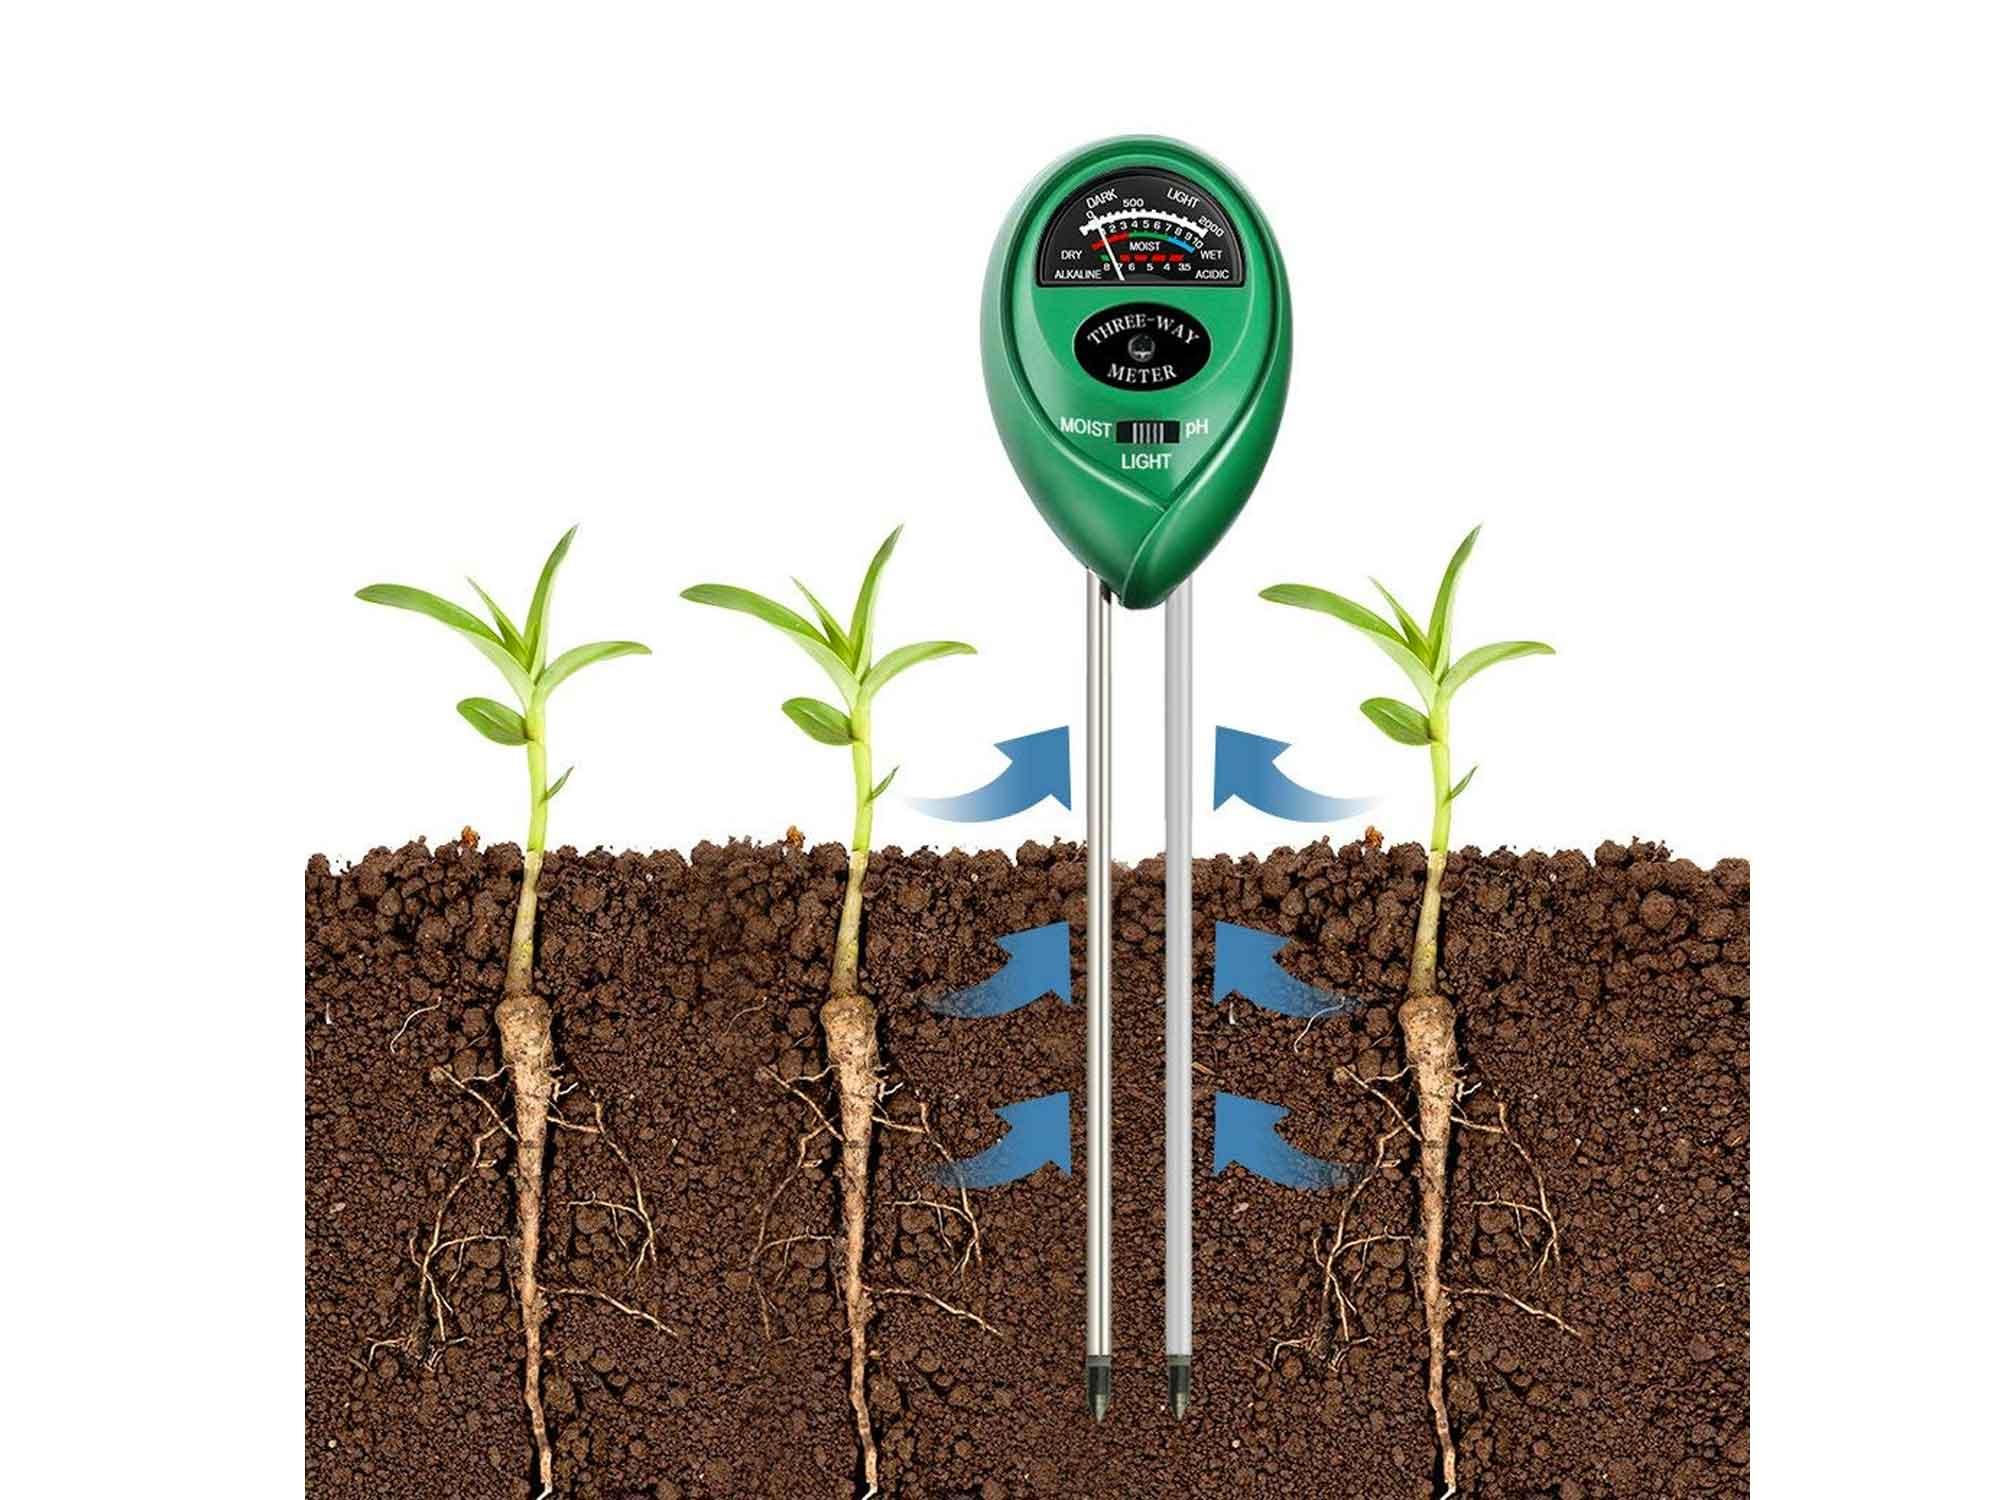 Atree soil meter